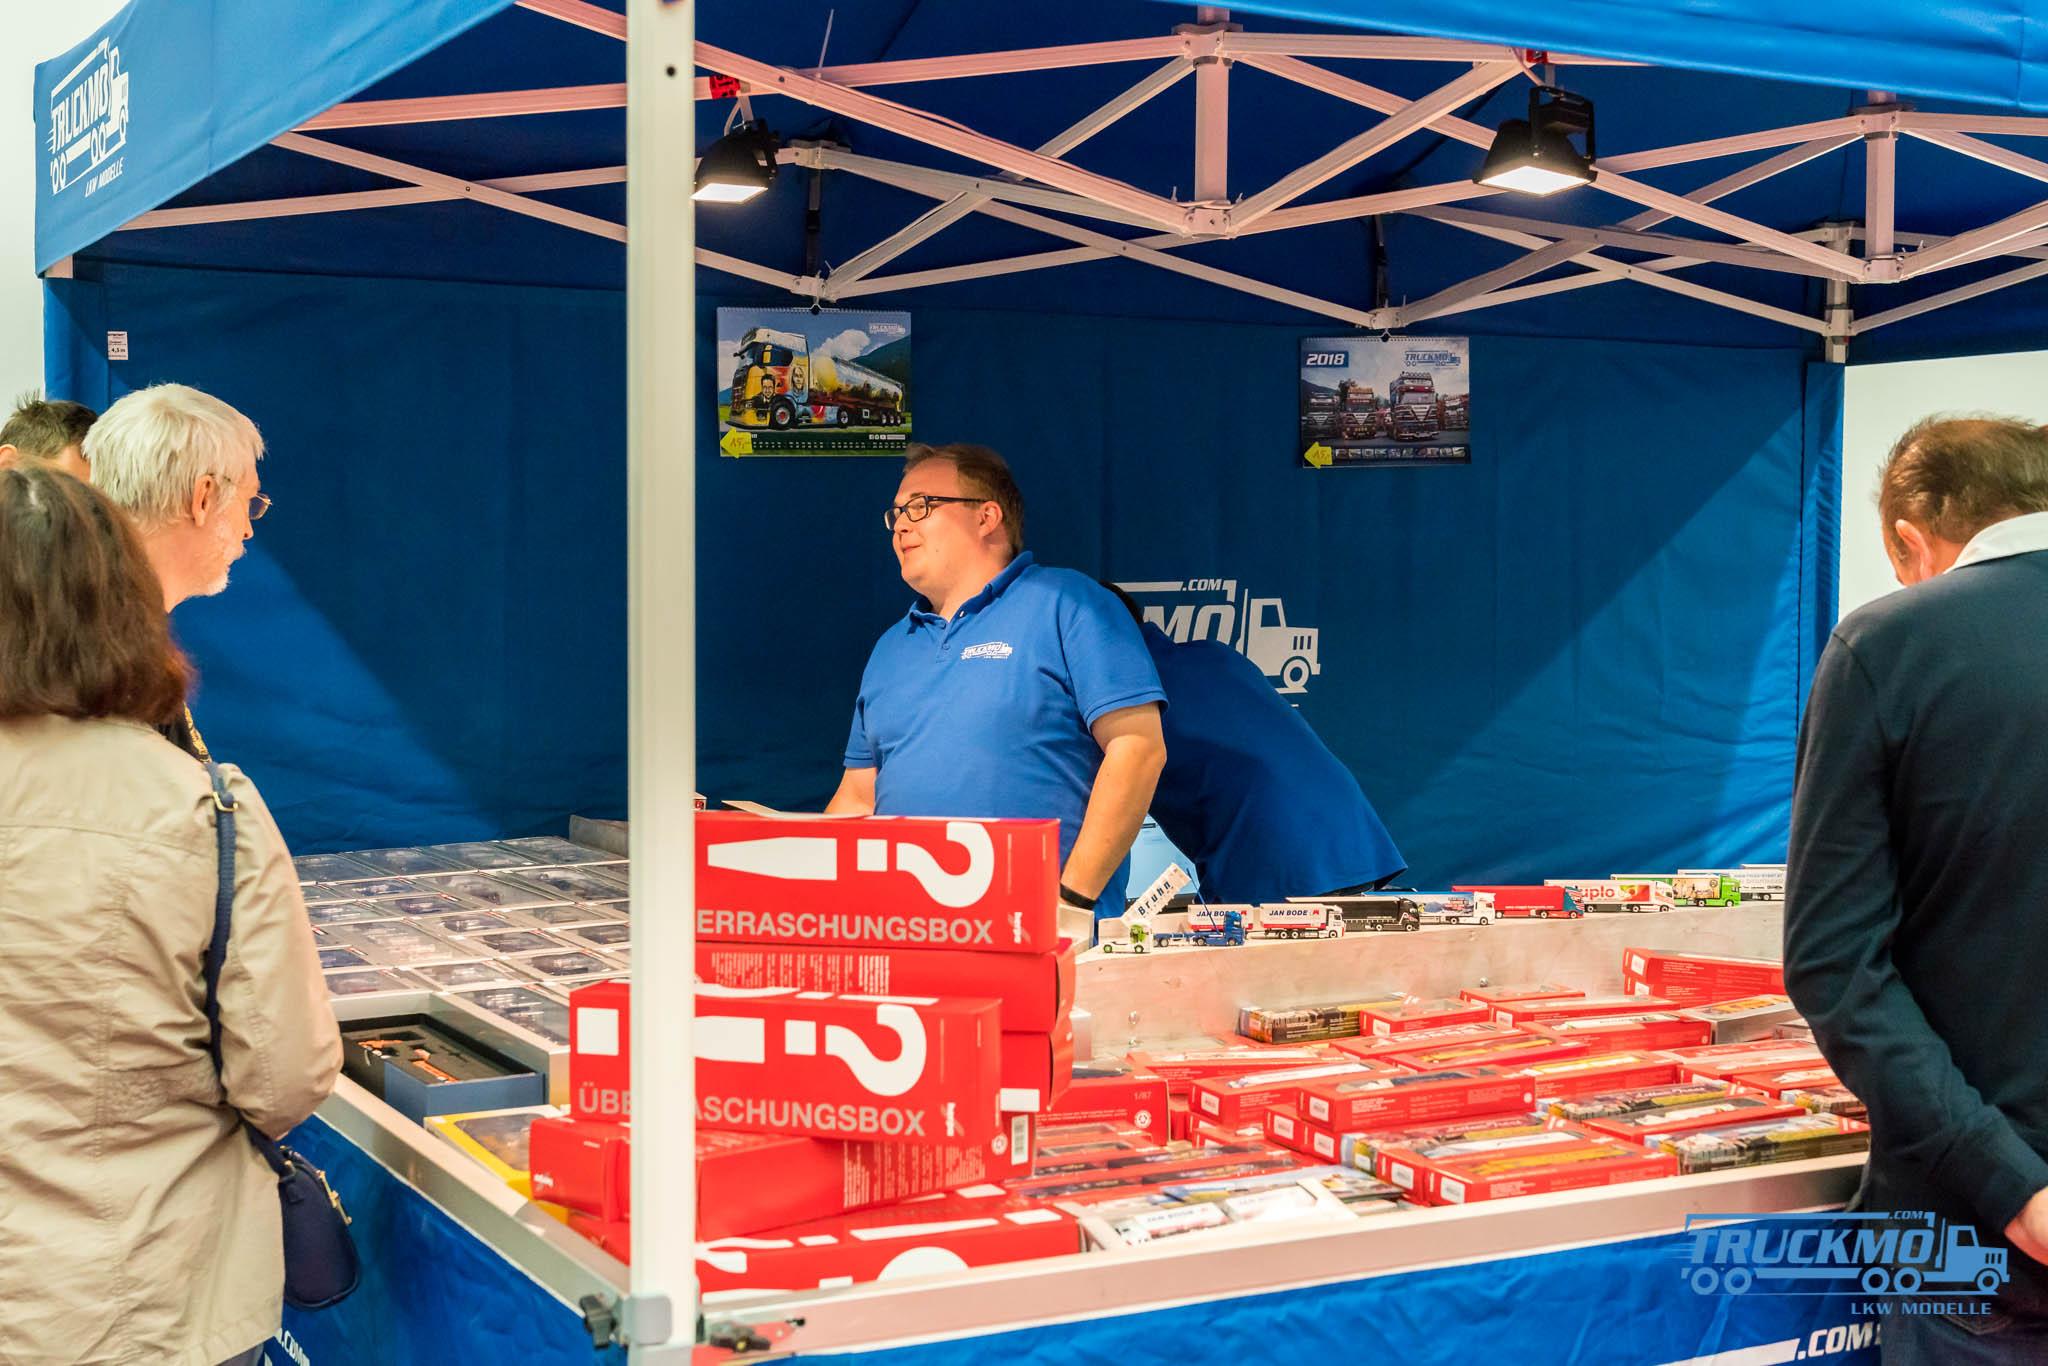 Truckmo_Modellbau_Ried_2017_Herpa_Messe_Modellbauausstellung (93 von 1177)